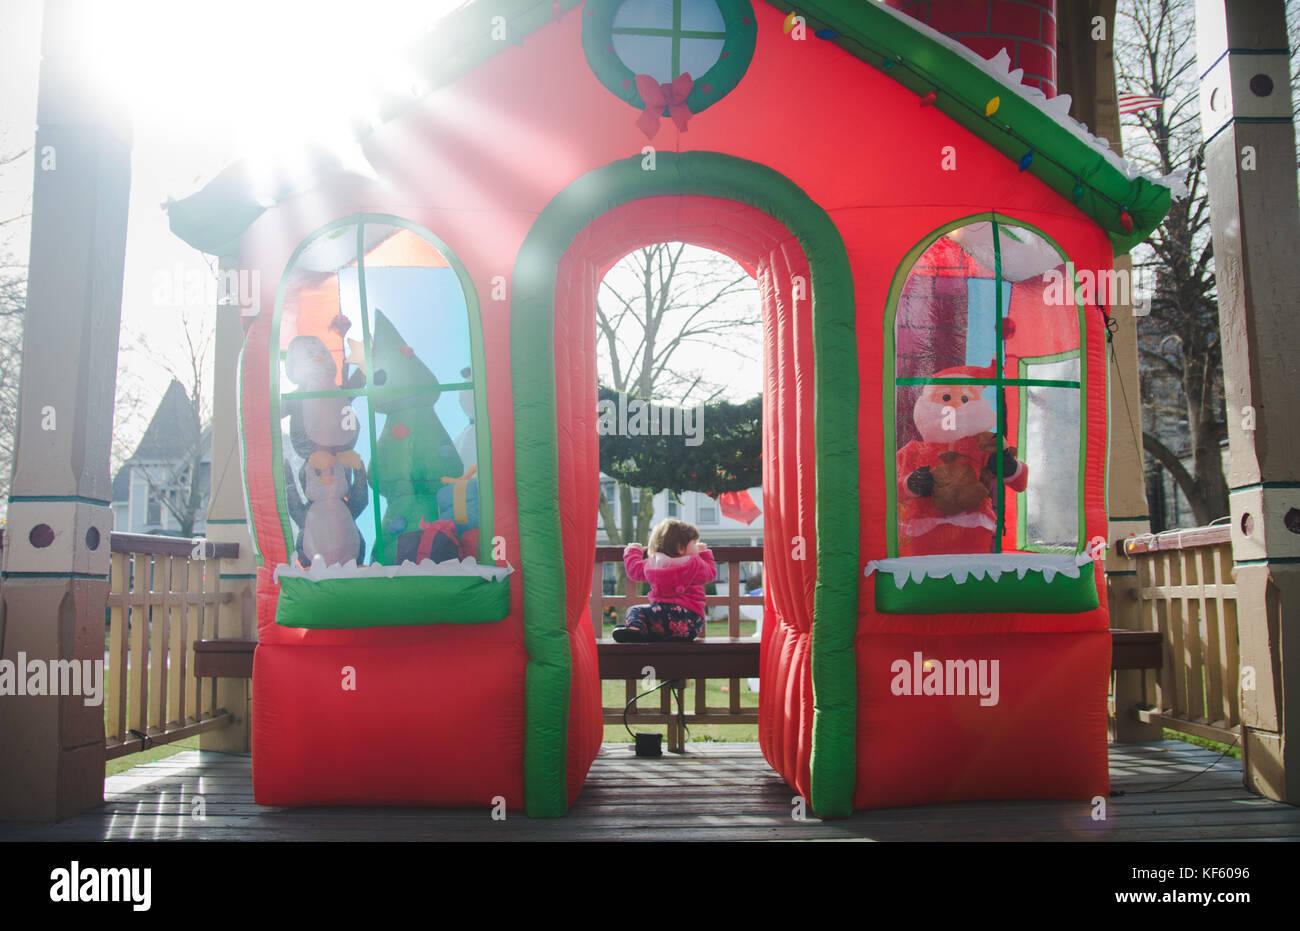 Tout-petit marche vers Noël ou vacances d'affiche. Photo Stock